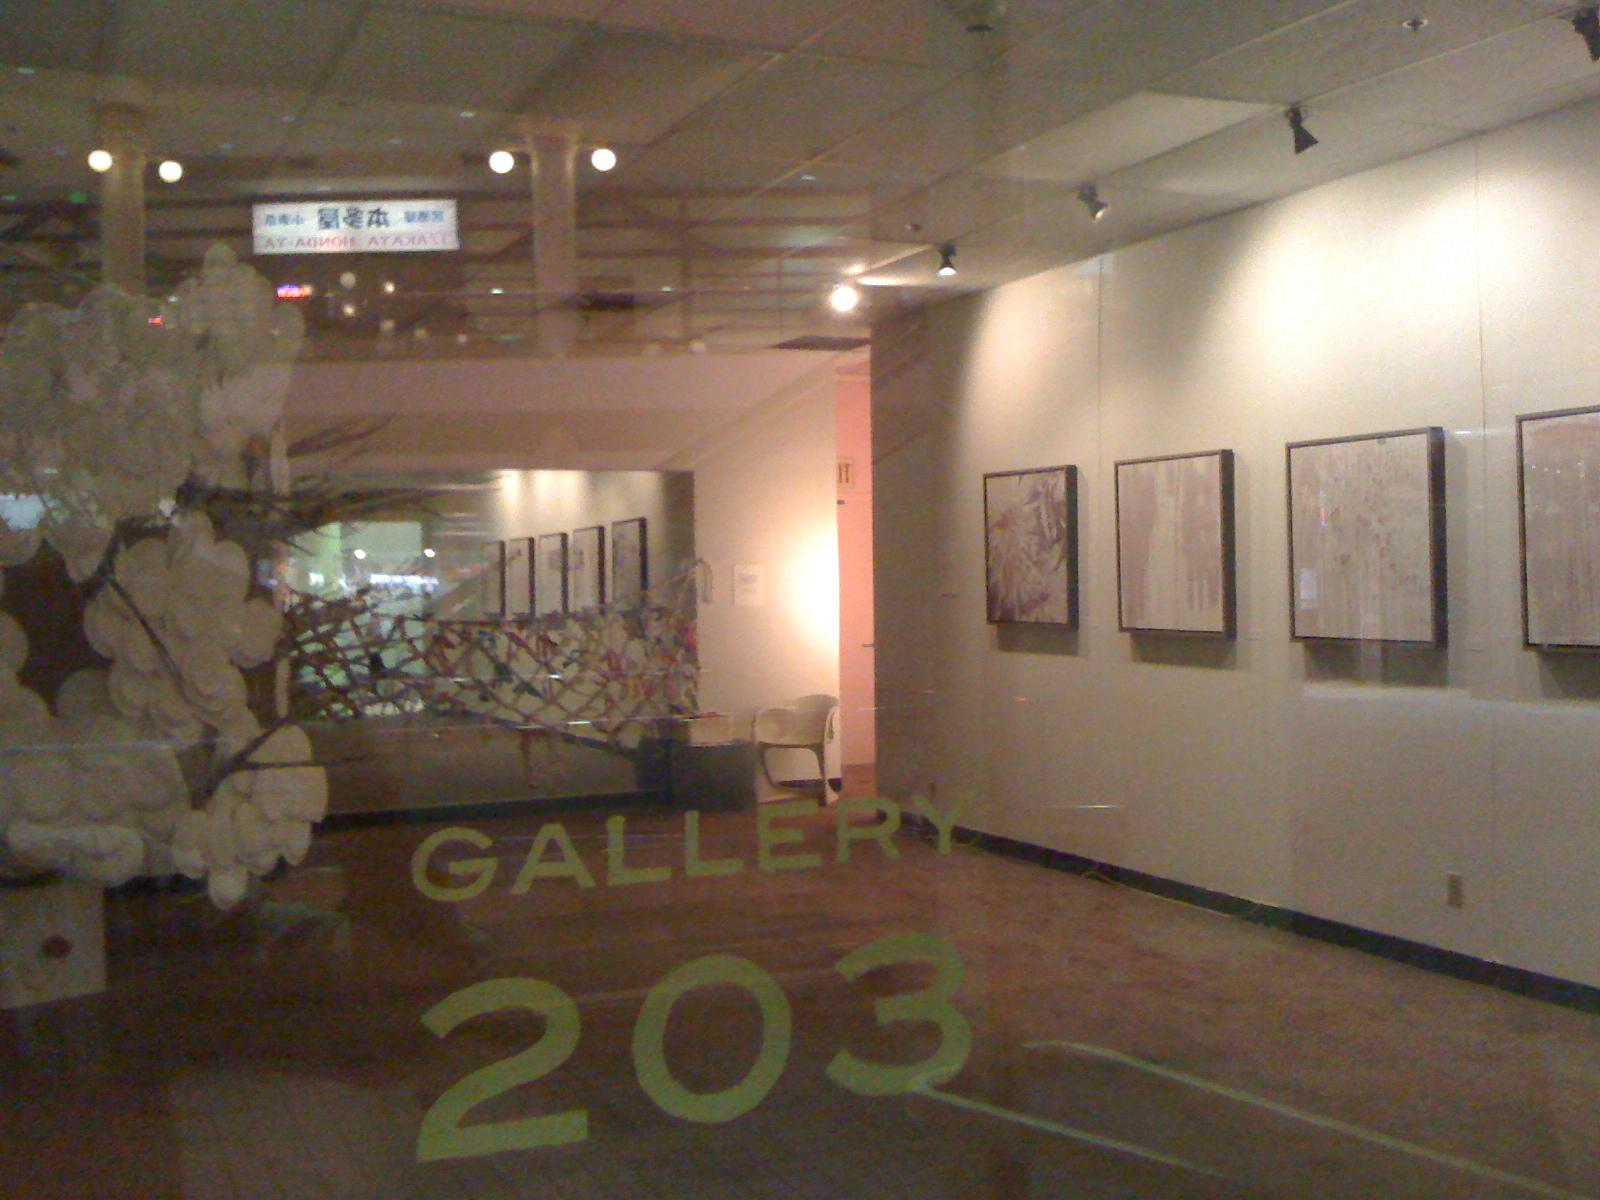 Gallery203_lowres.JPG